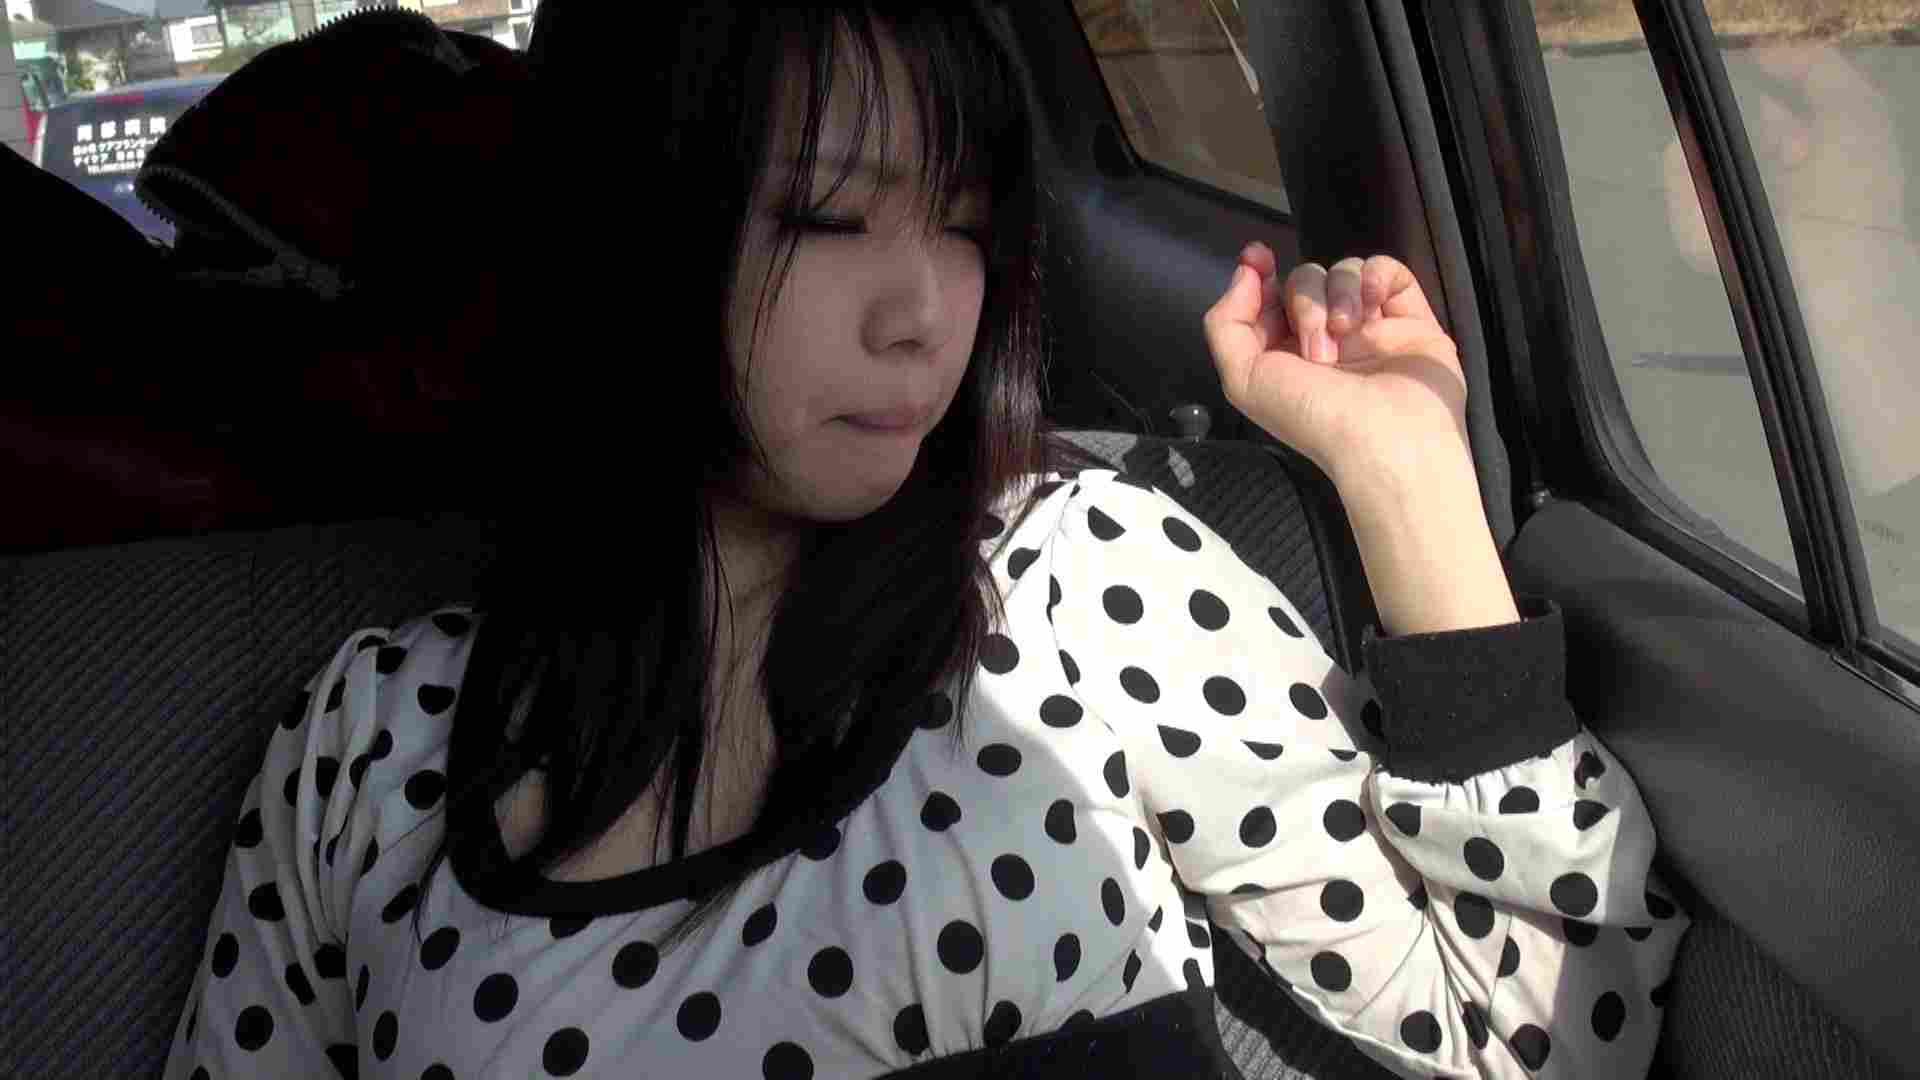 vol.4 鬼神さん様子見で車内ローター攻め 高画質 スケベ動画紹介 99画像 51